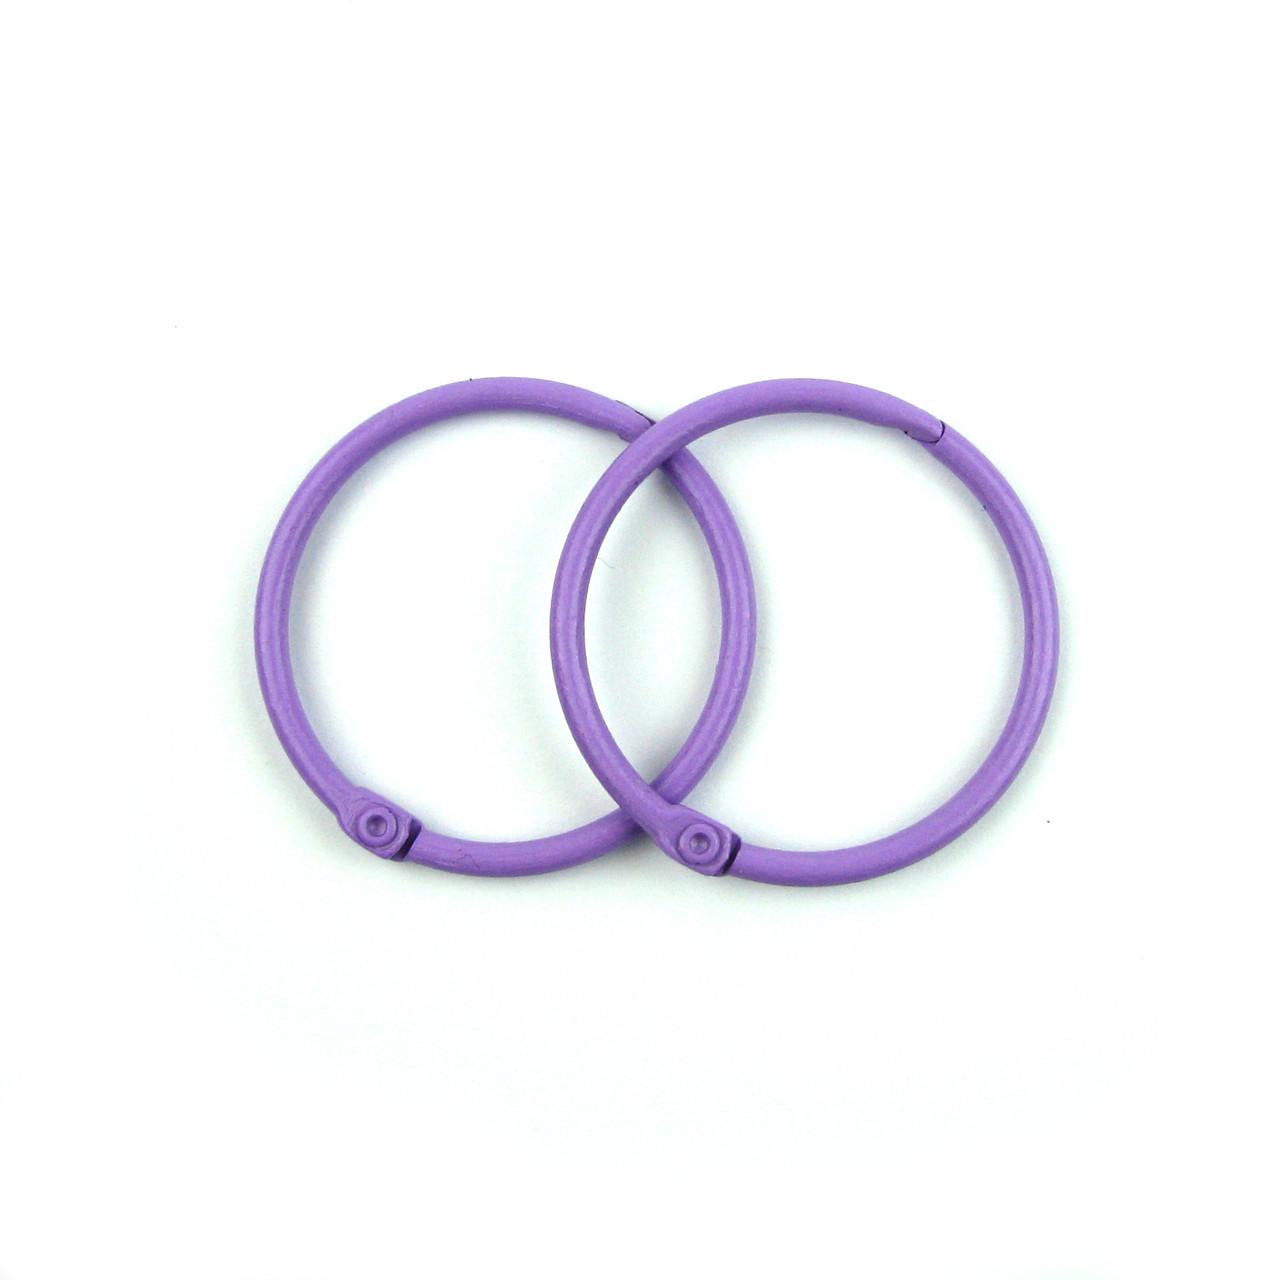 Кольца для альбомов, блокнотов, фиолетовый 40мм 2шт в наборе